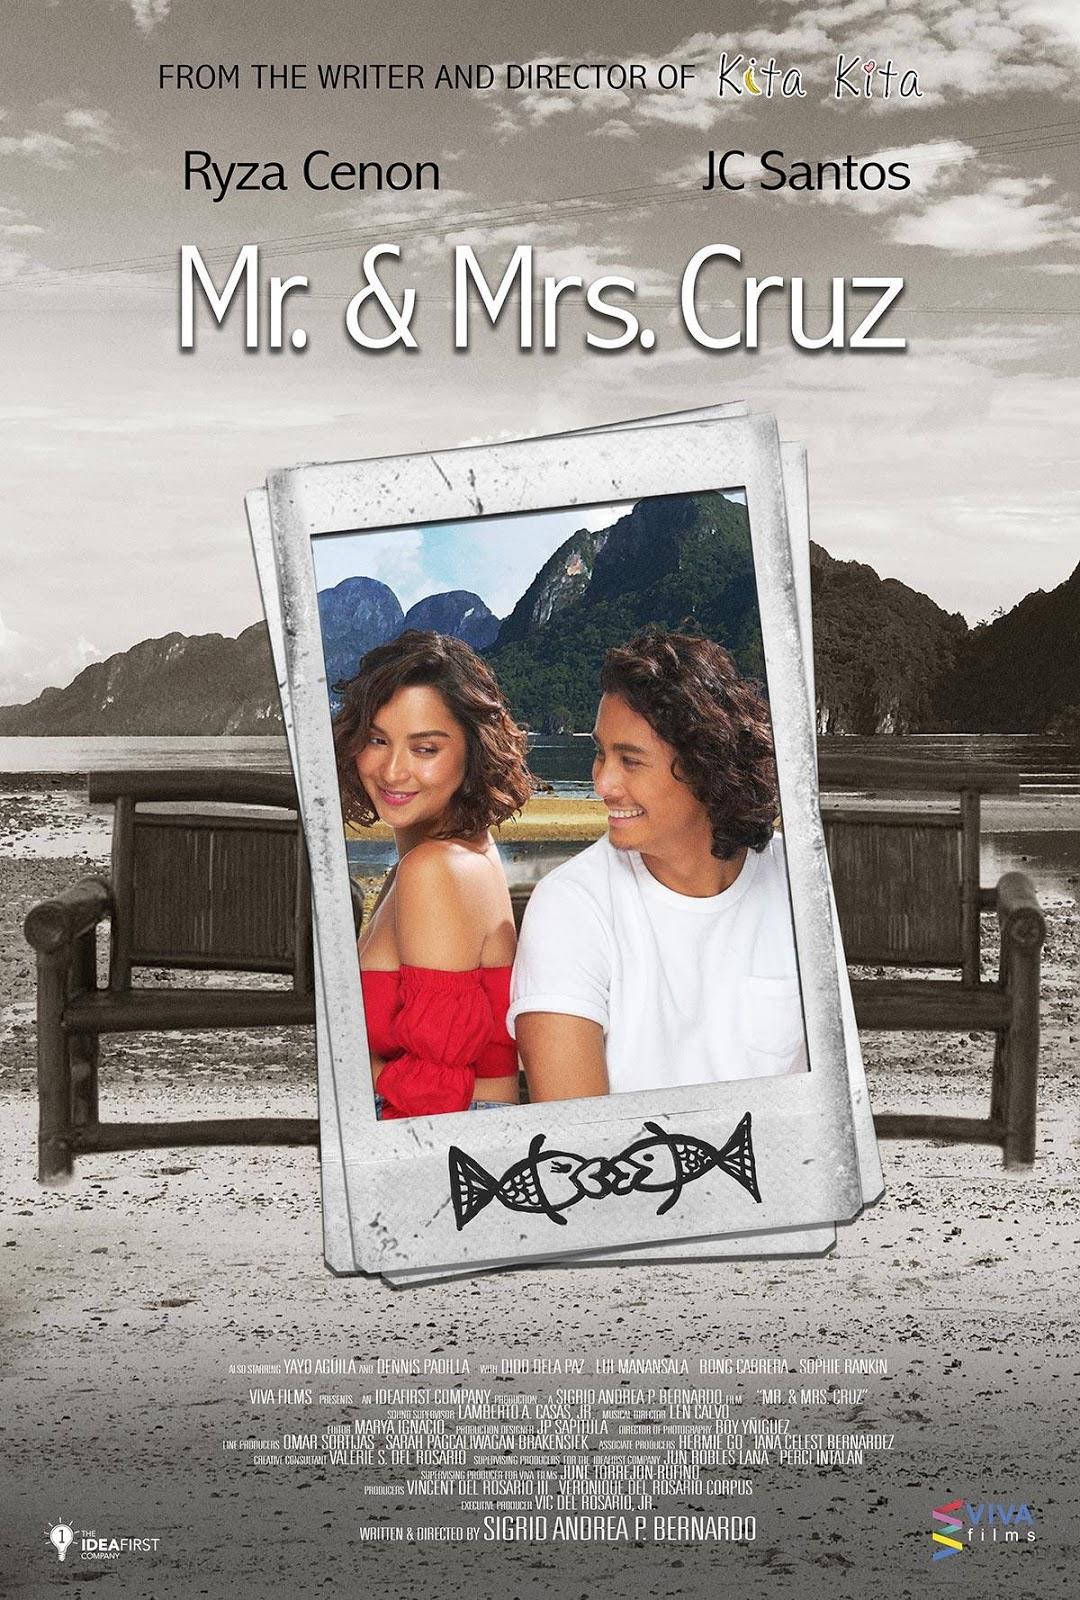 Mga resulta ng larawan para sa Mr. and Mrs. Cruz official movie poster